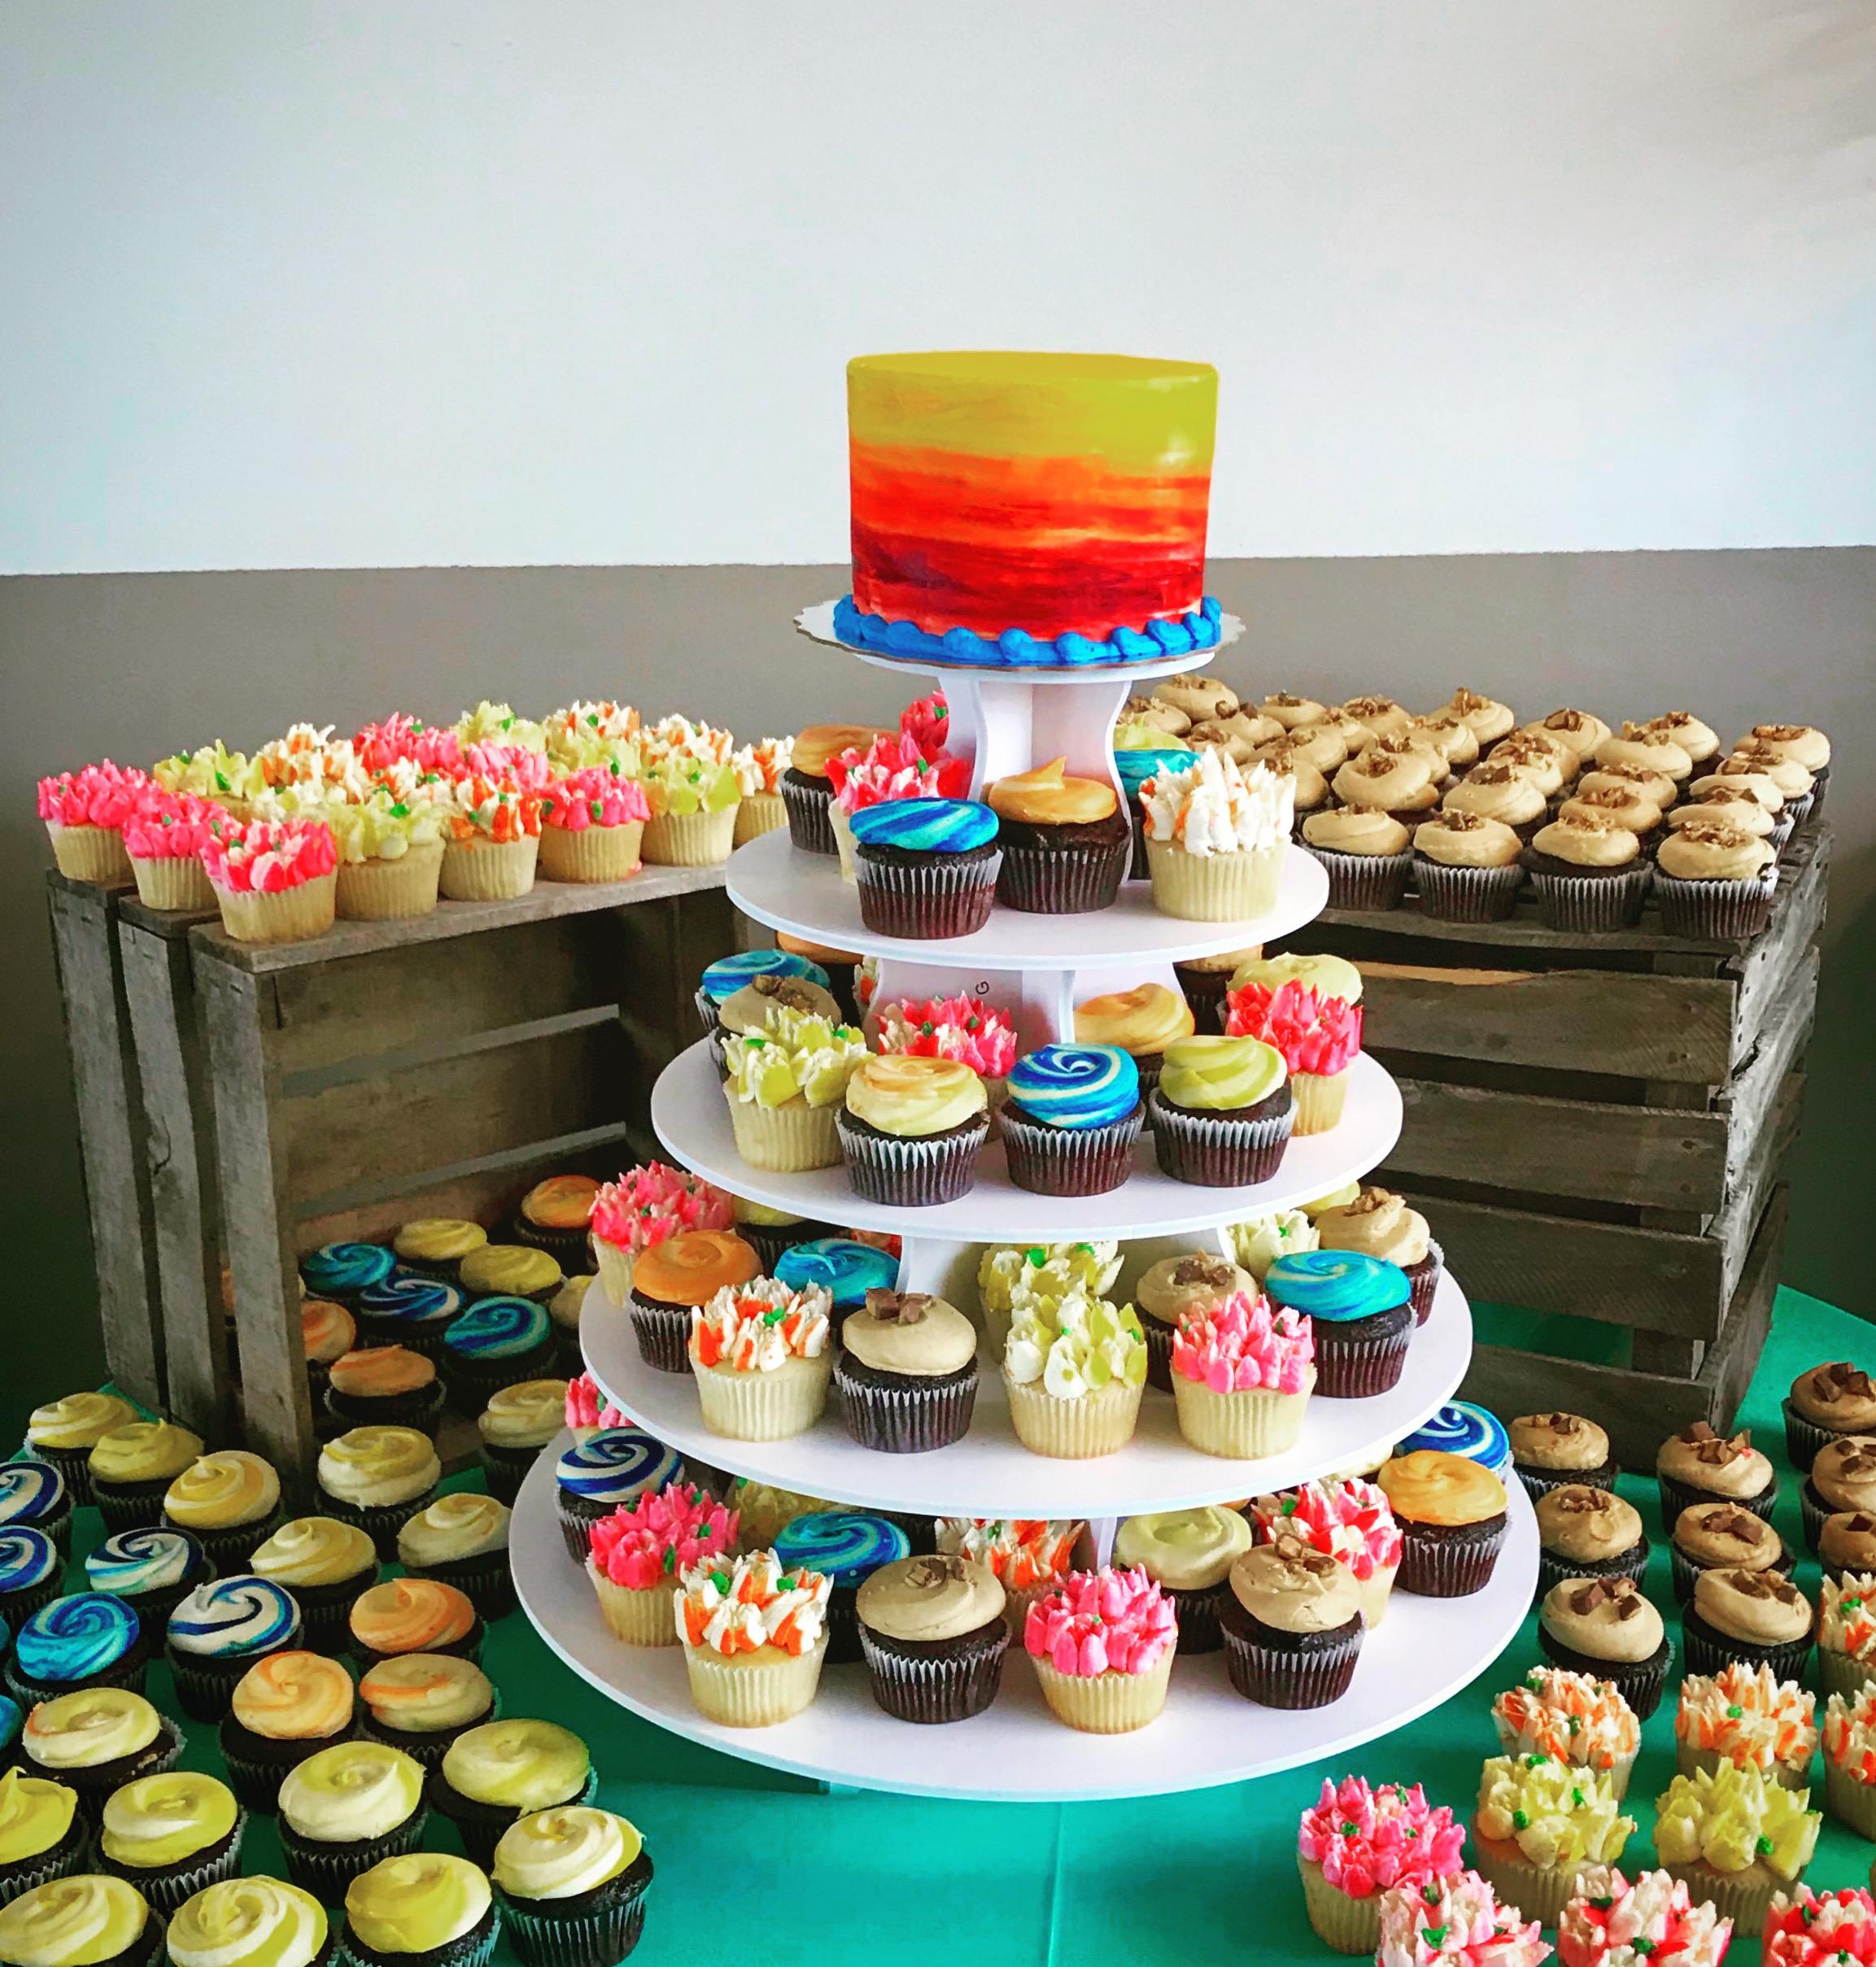 Weddingcupcakesvivid.JPG